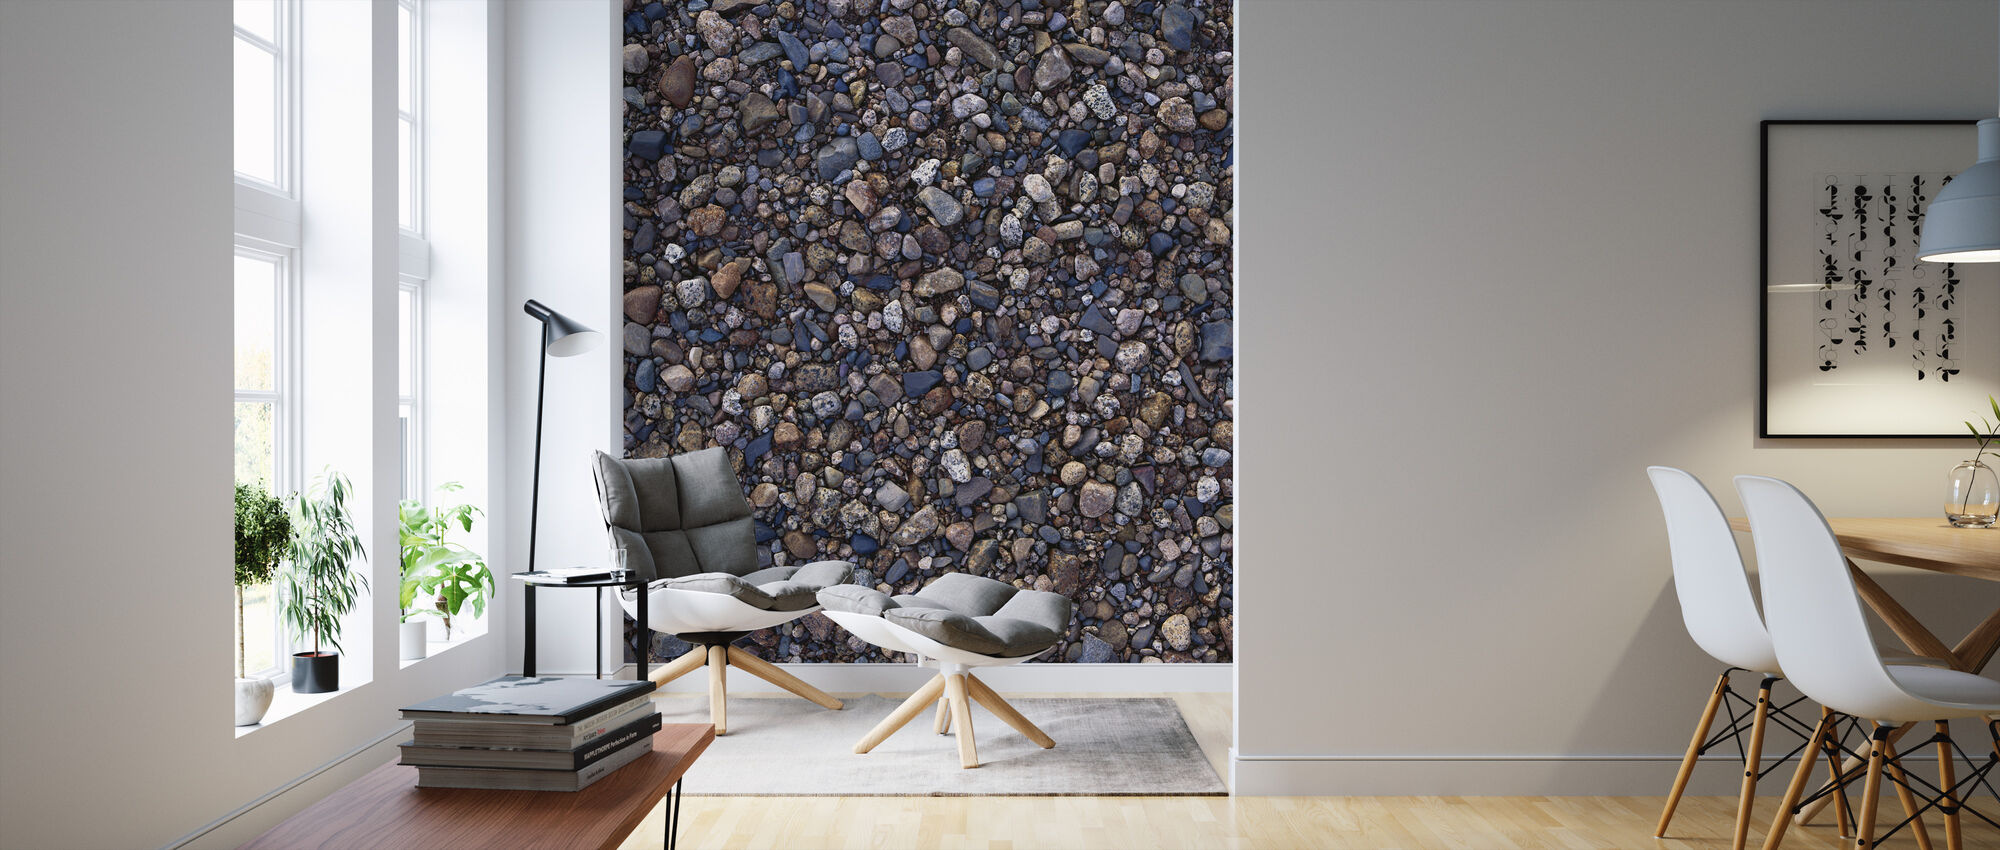 Dark Pebbles - Wallpaper - Living Room